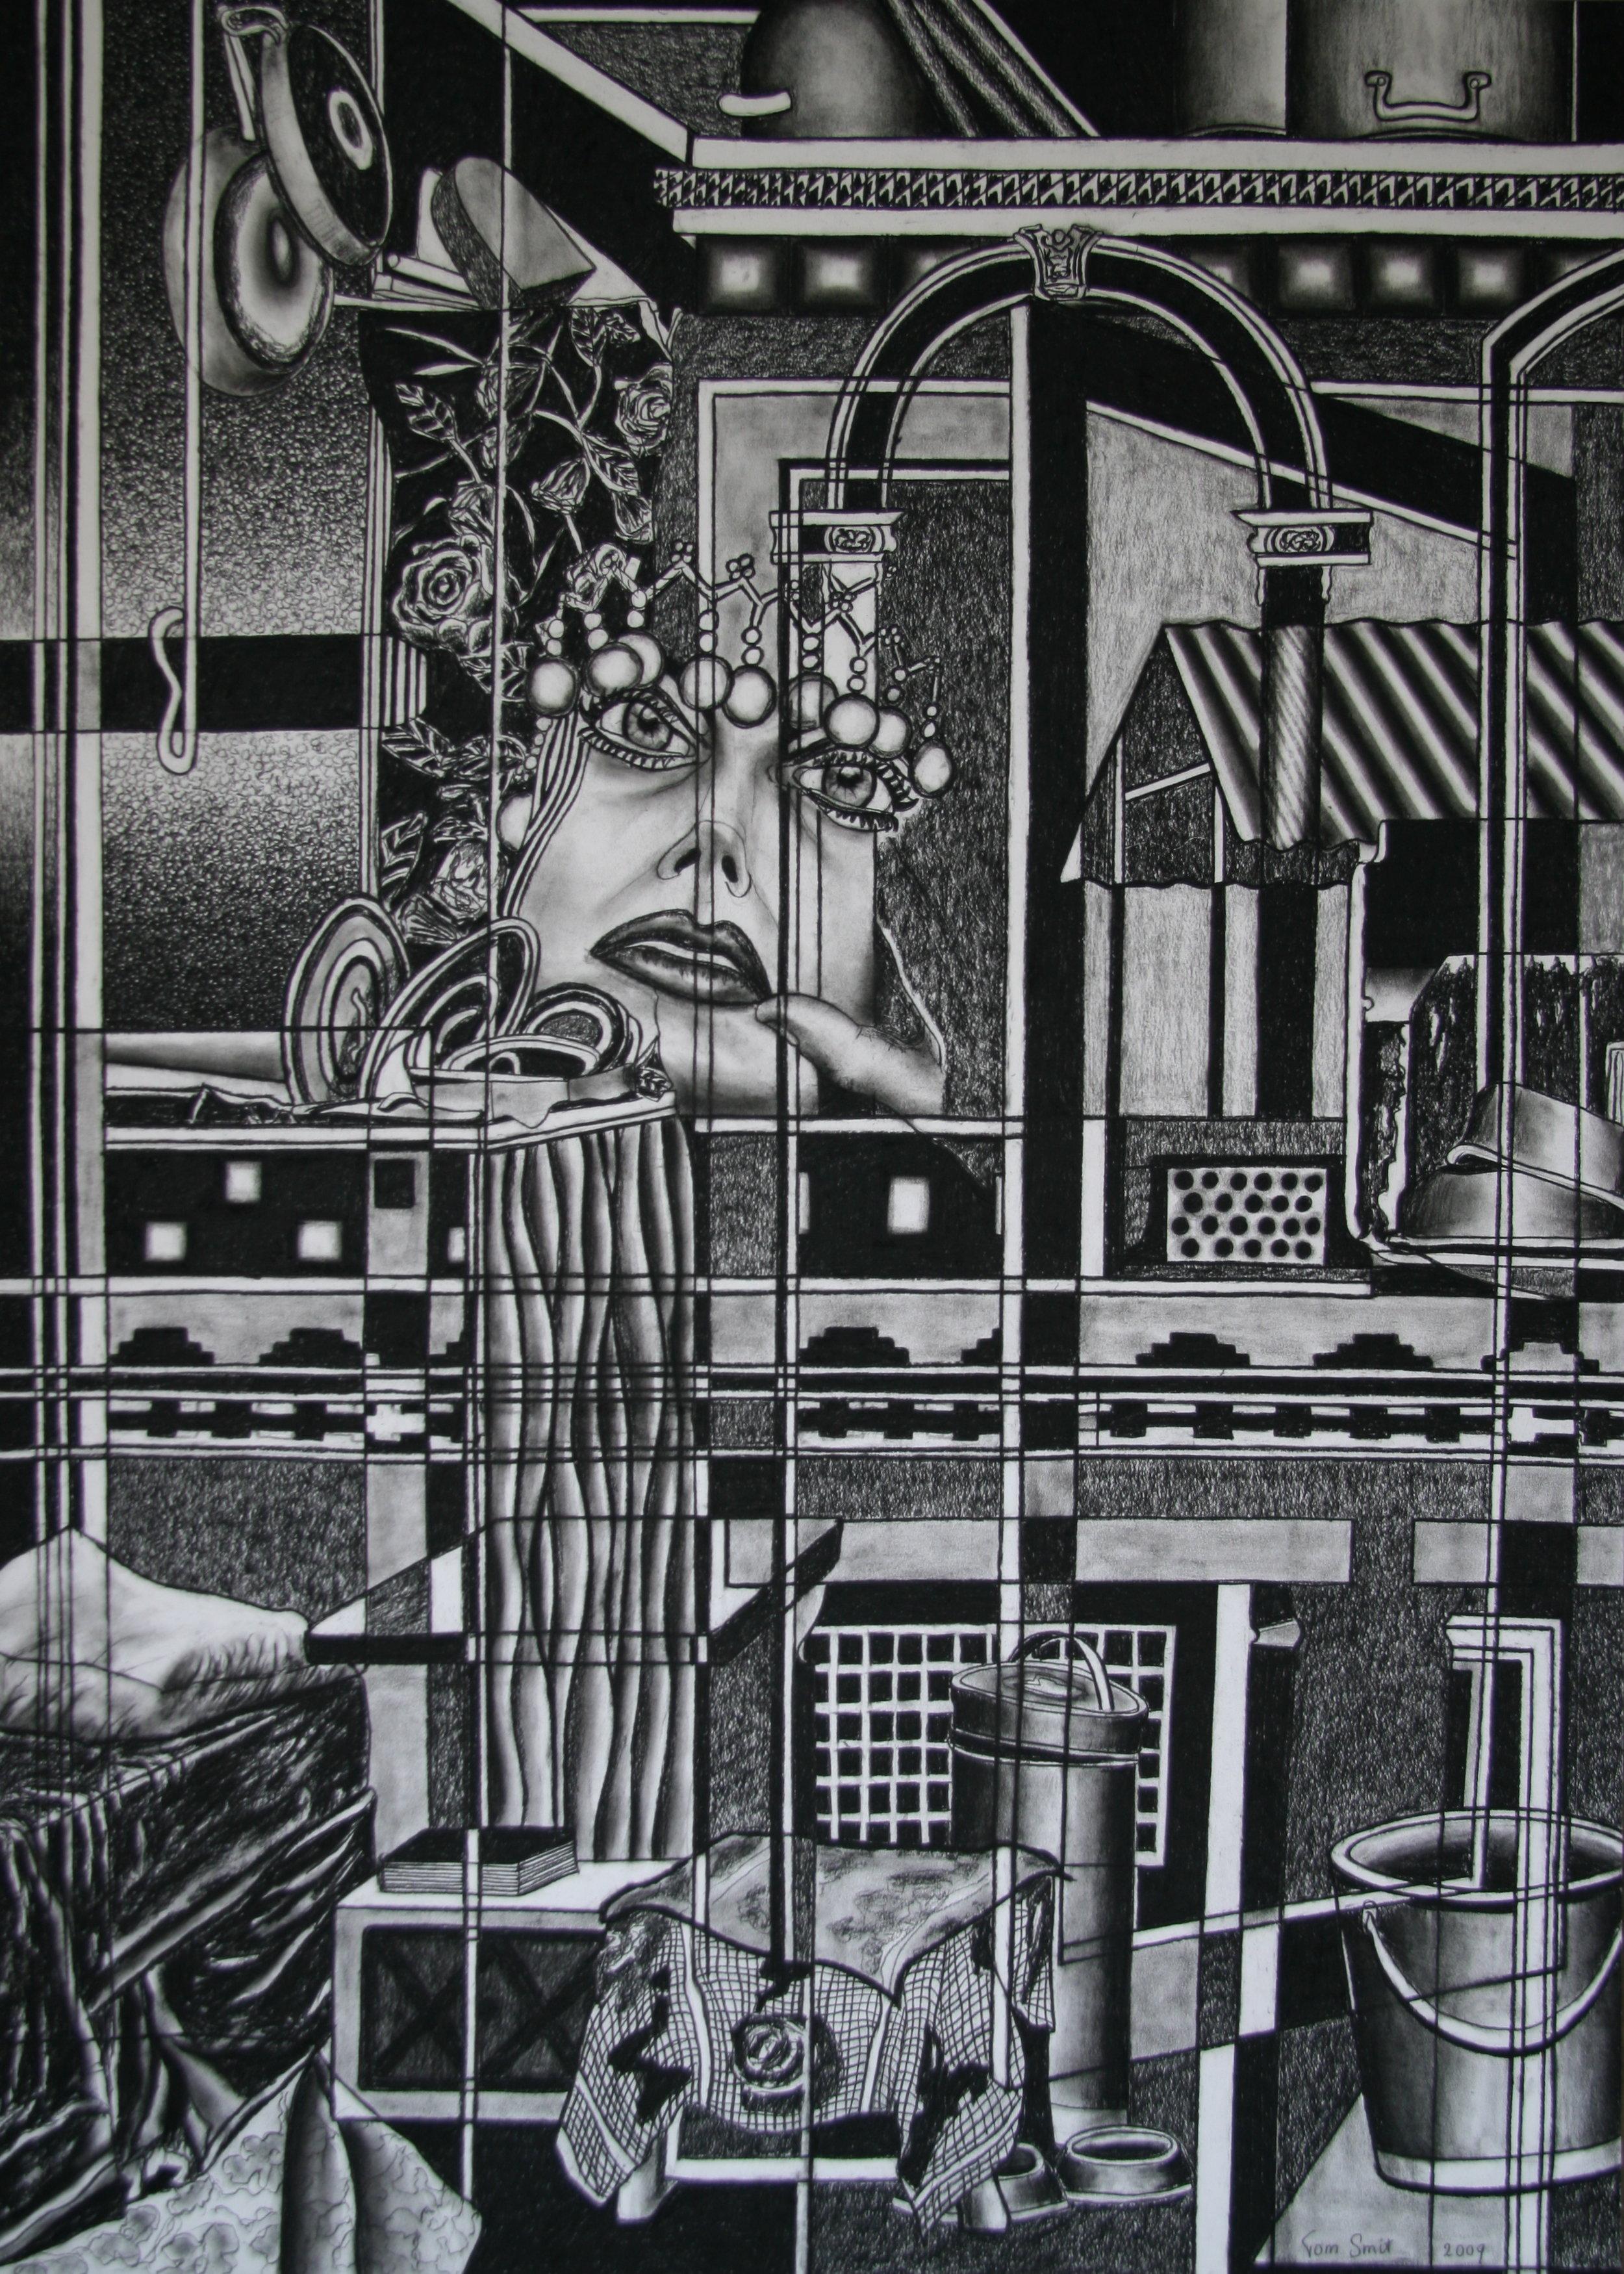 Laren en Penaten, 140x100cm, conte on paper